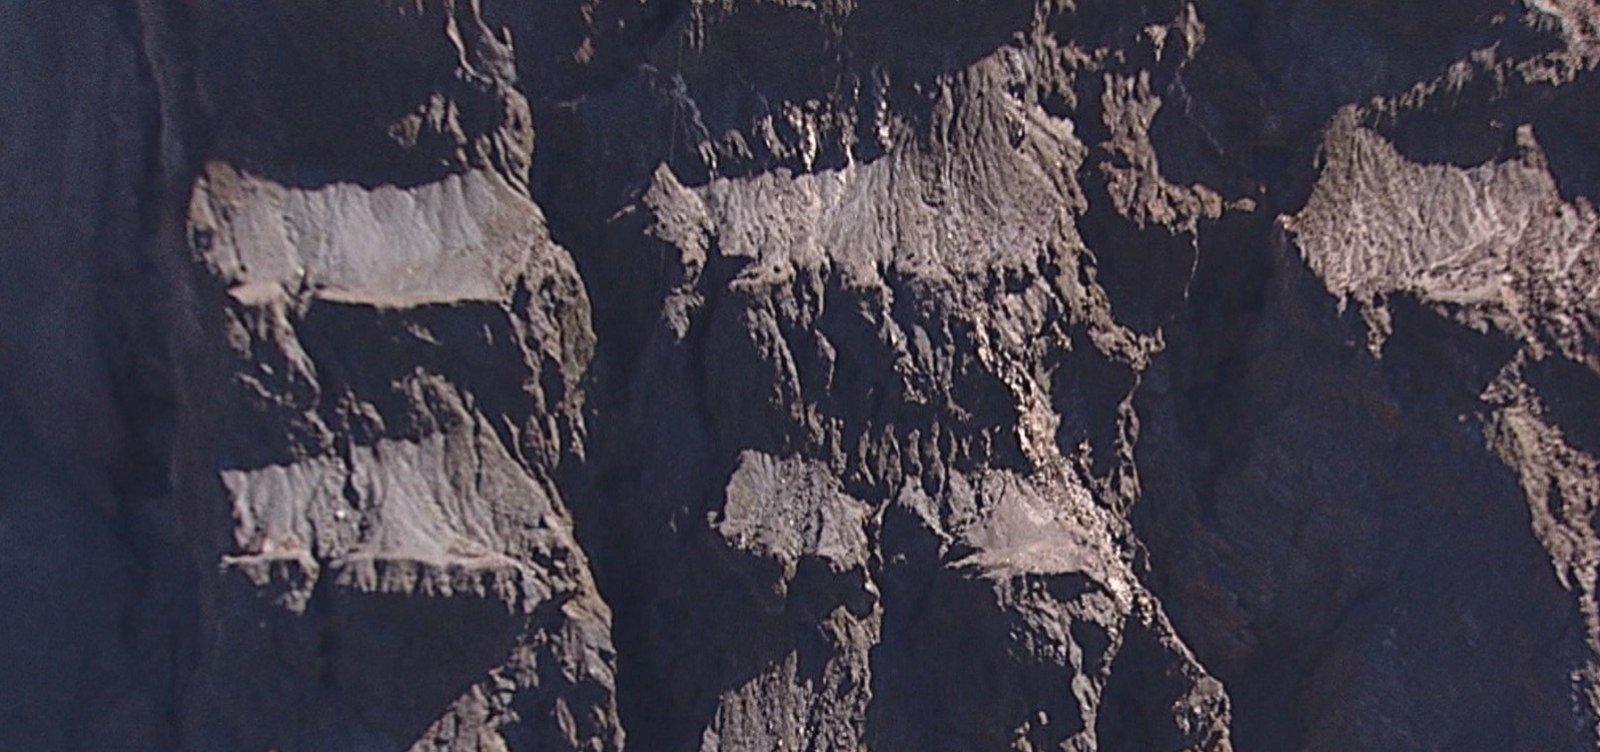 [Talude de mina da Vale em Barão de Cocais se movimenta 42,4 cm por dia]